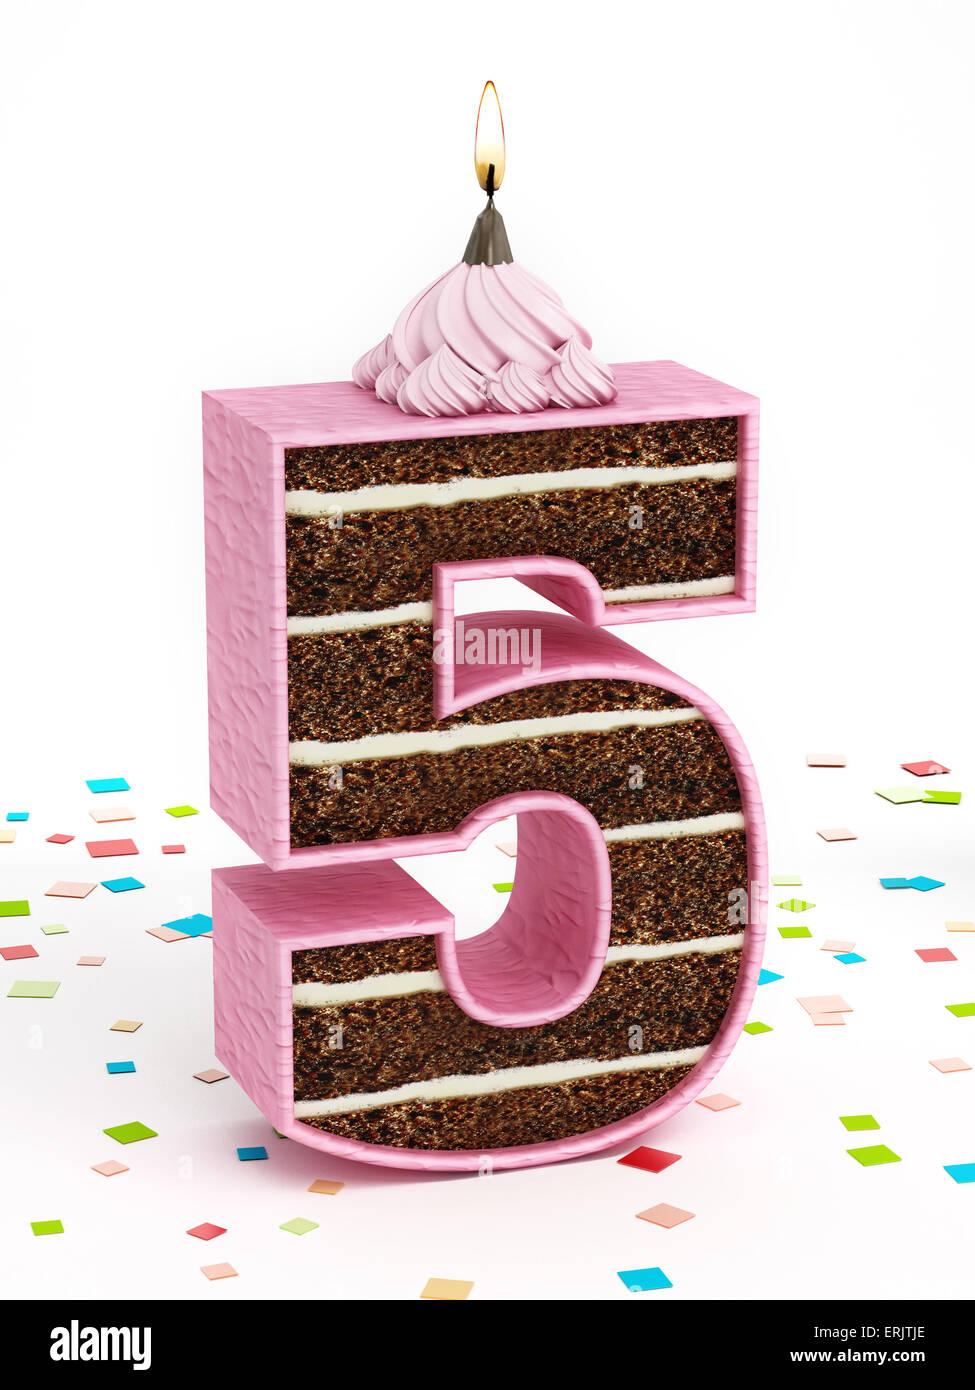 Il Numero 5 Al Cioccolato A Forma Di Torta Di Compleanno Con Candela